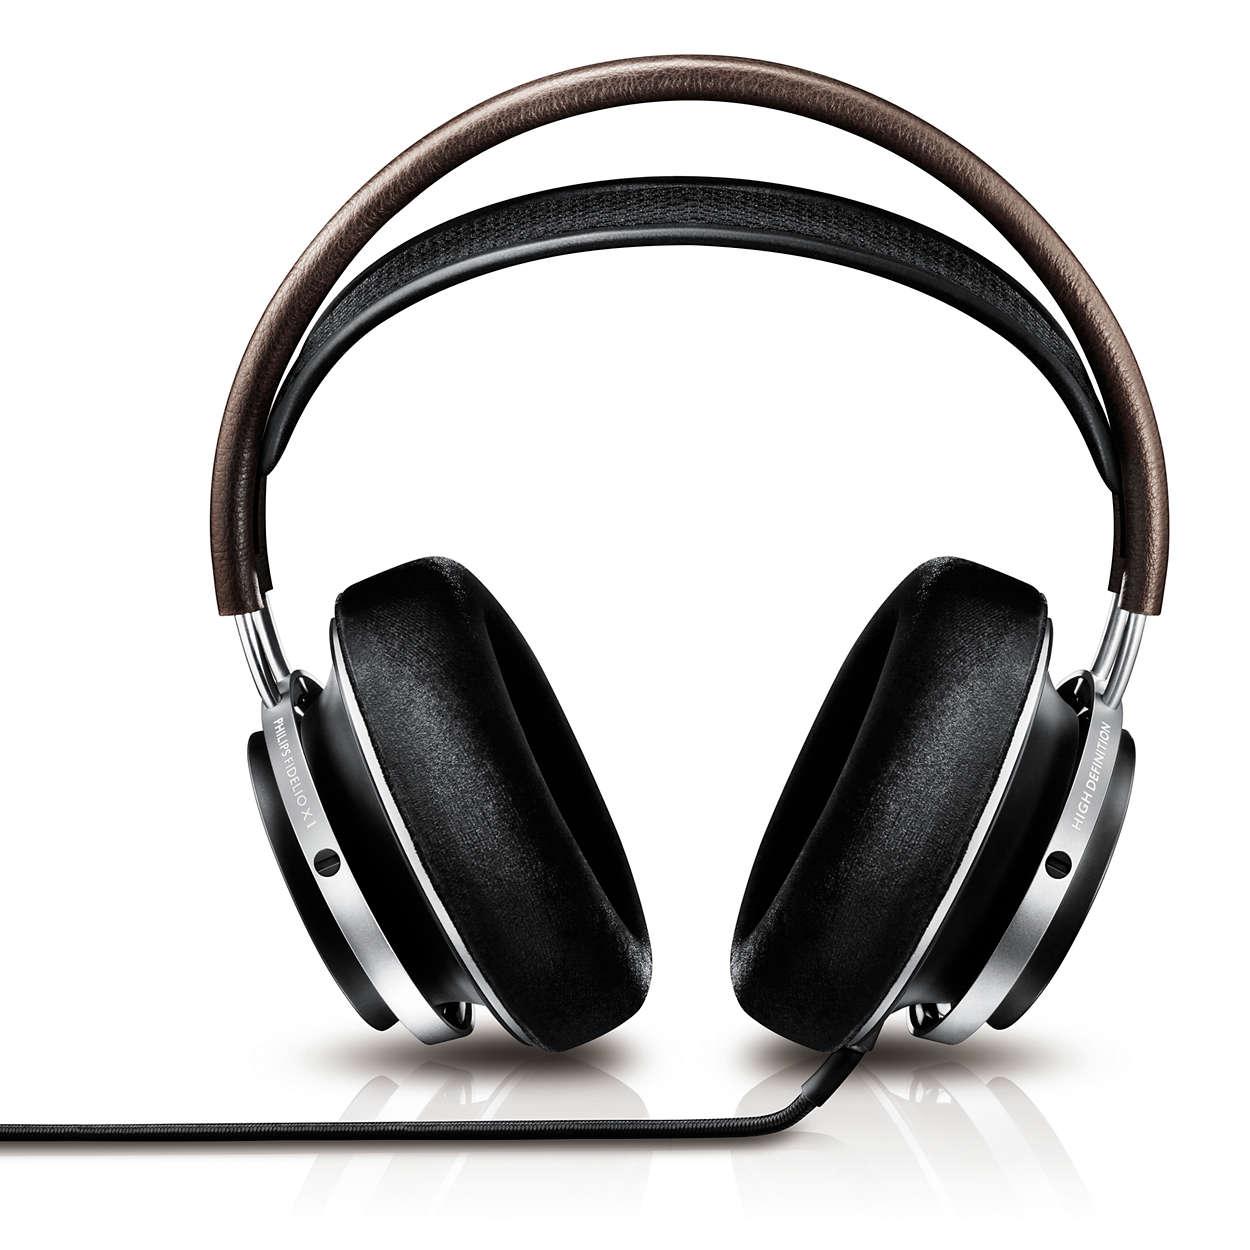 Valósághű hangzás, prémium minőség